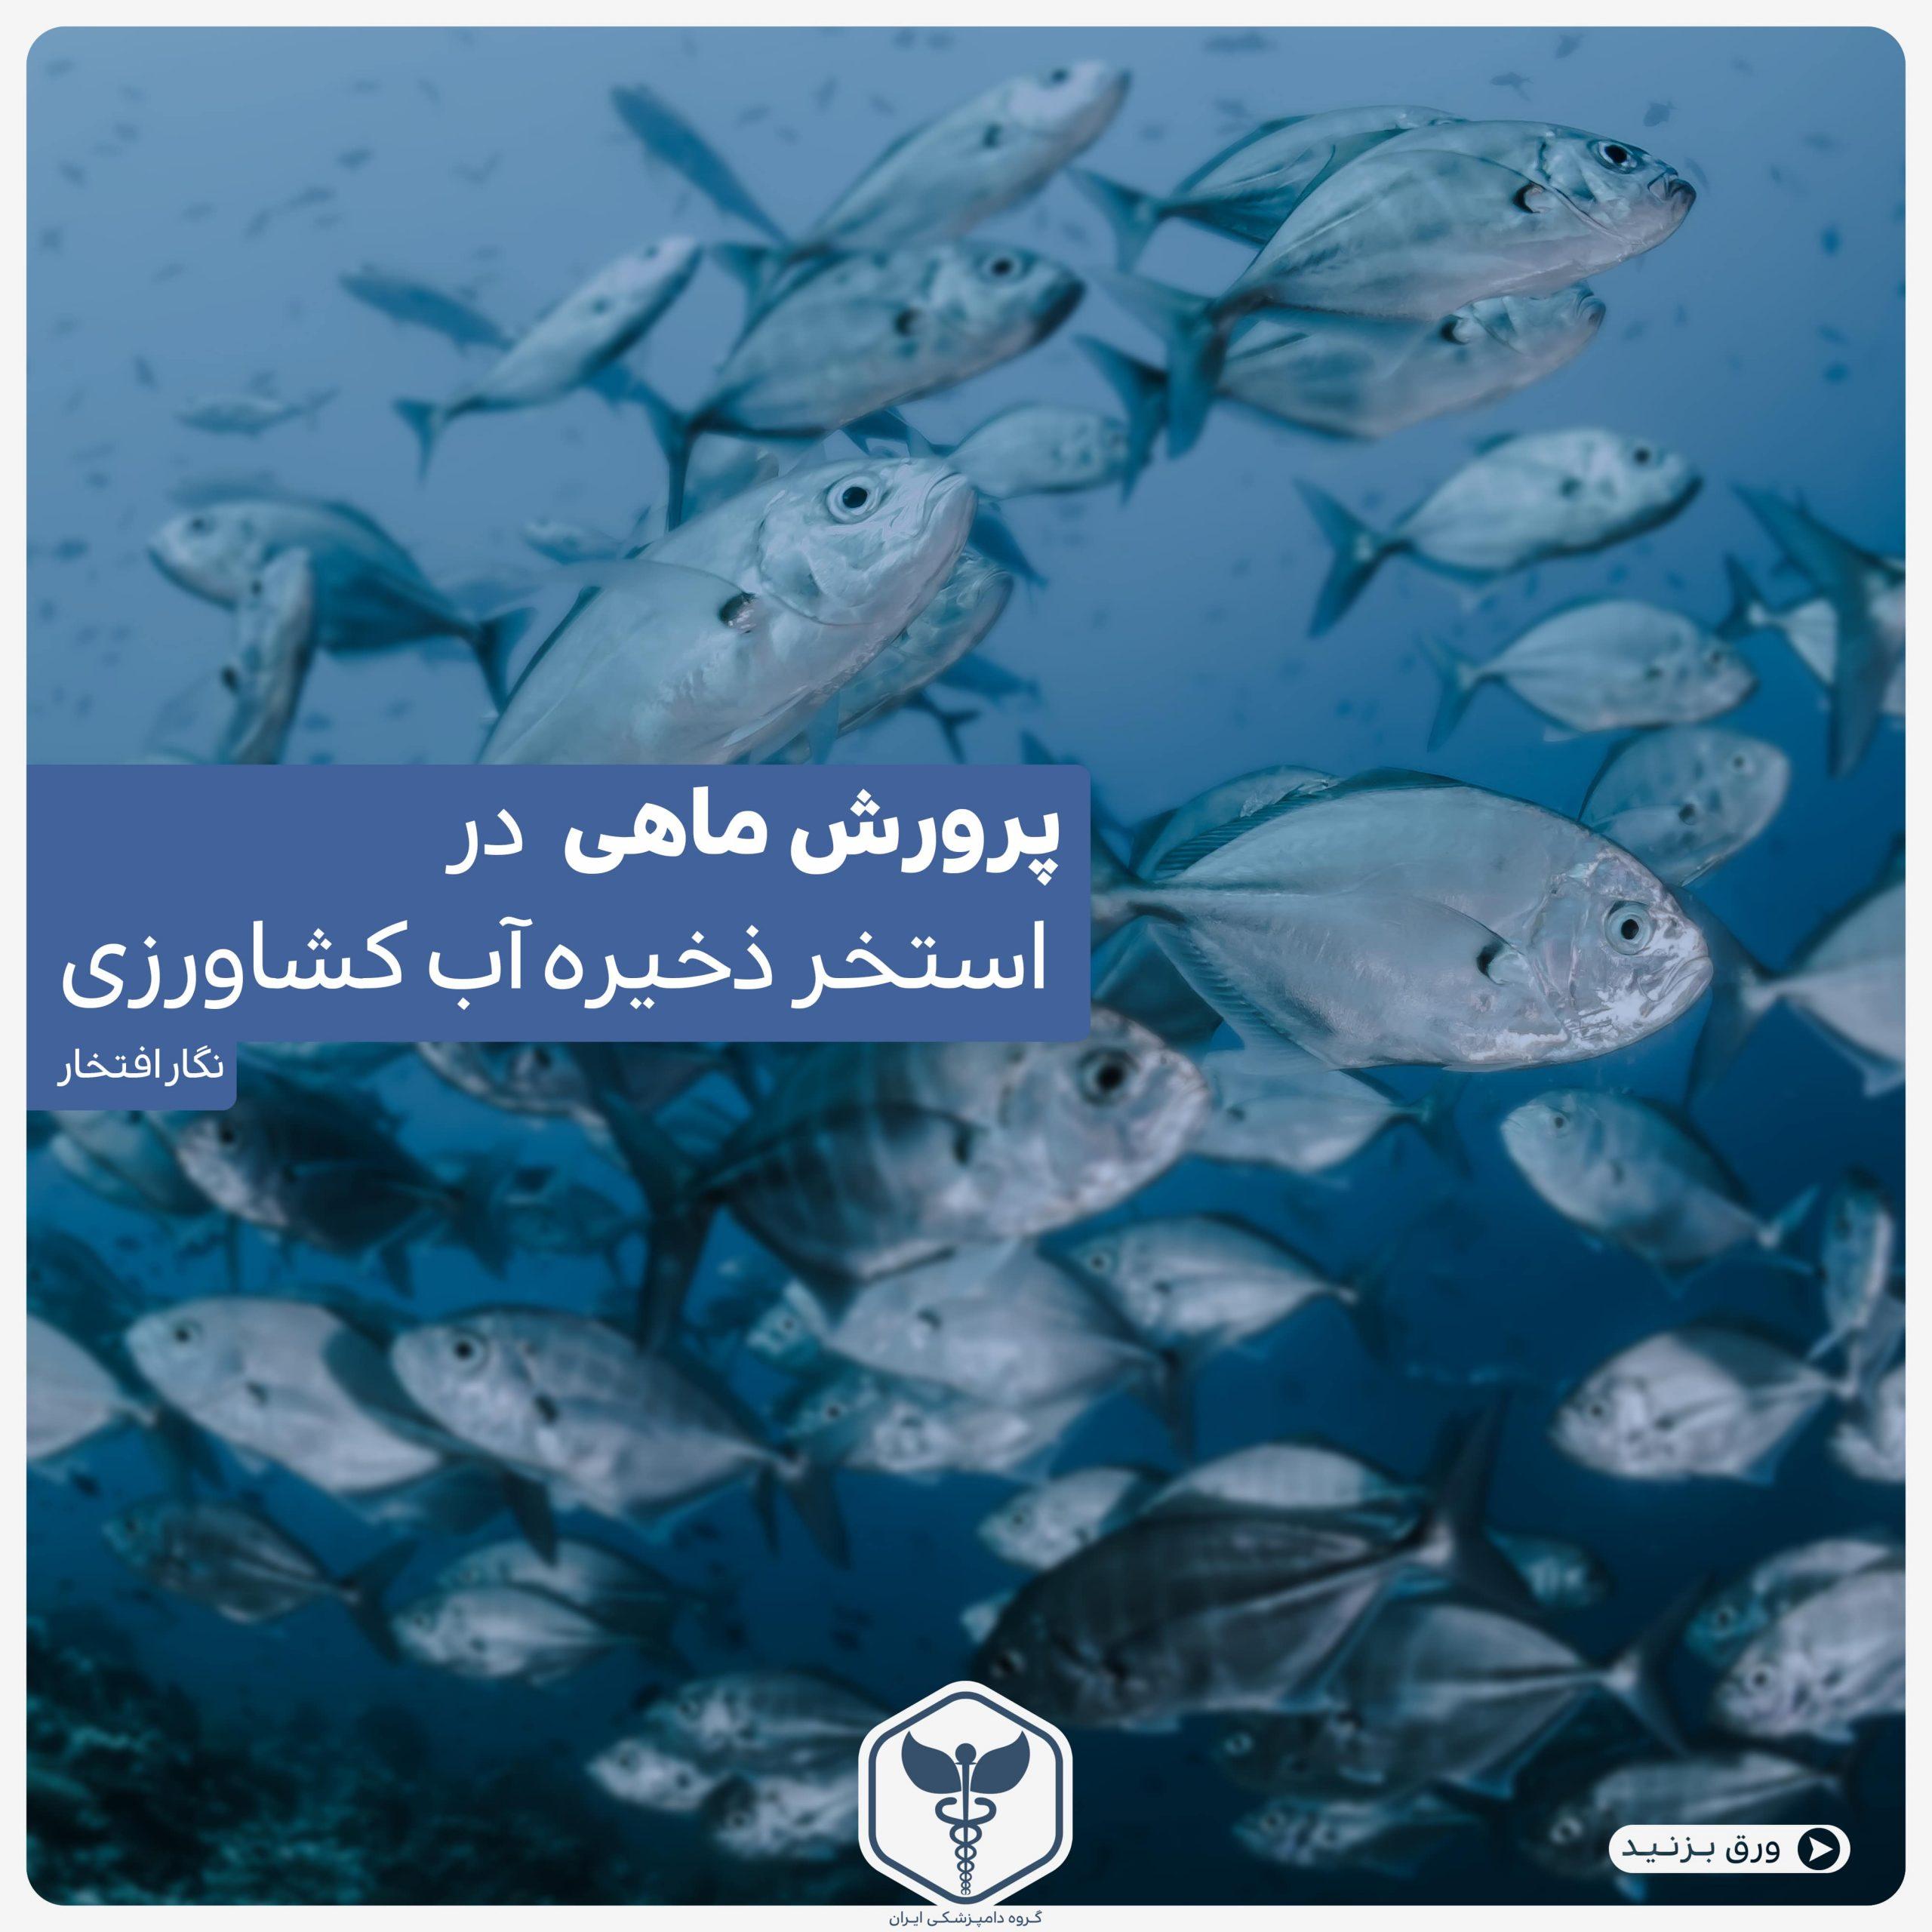 پرورش ماهی در استخر ذخیره آب کشاورزی